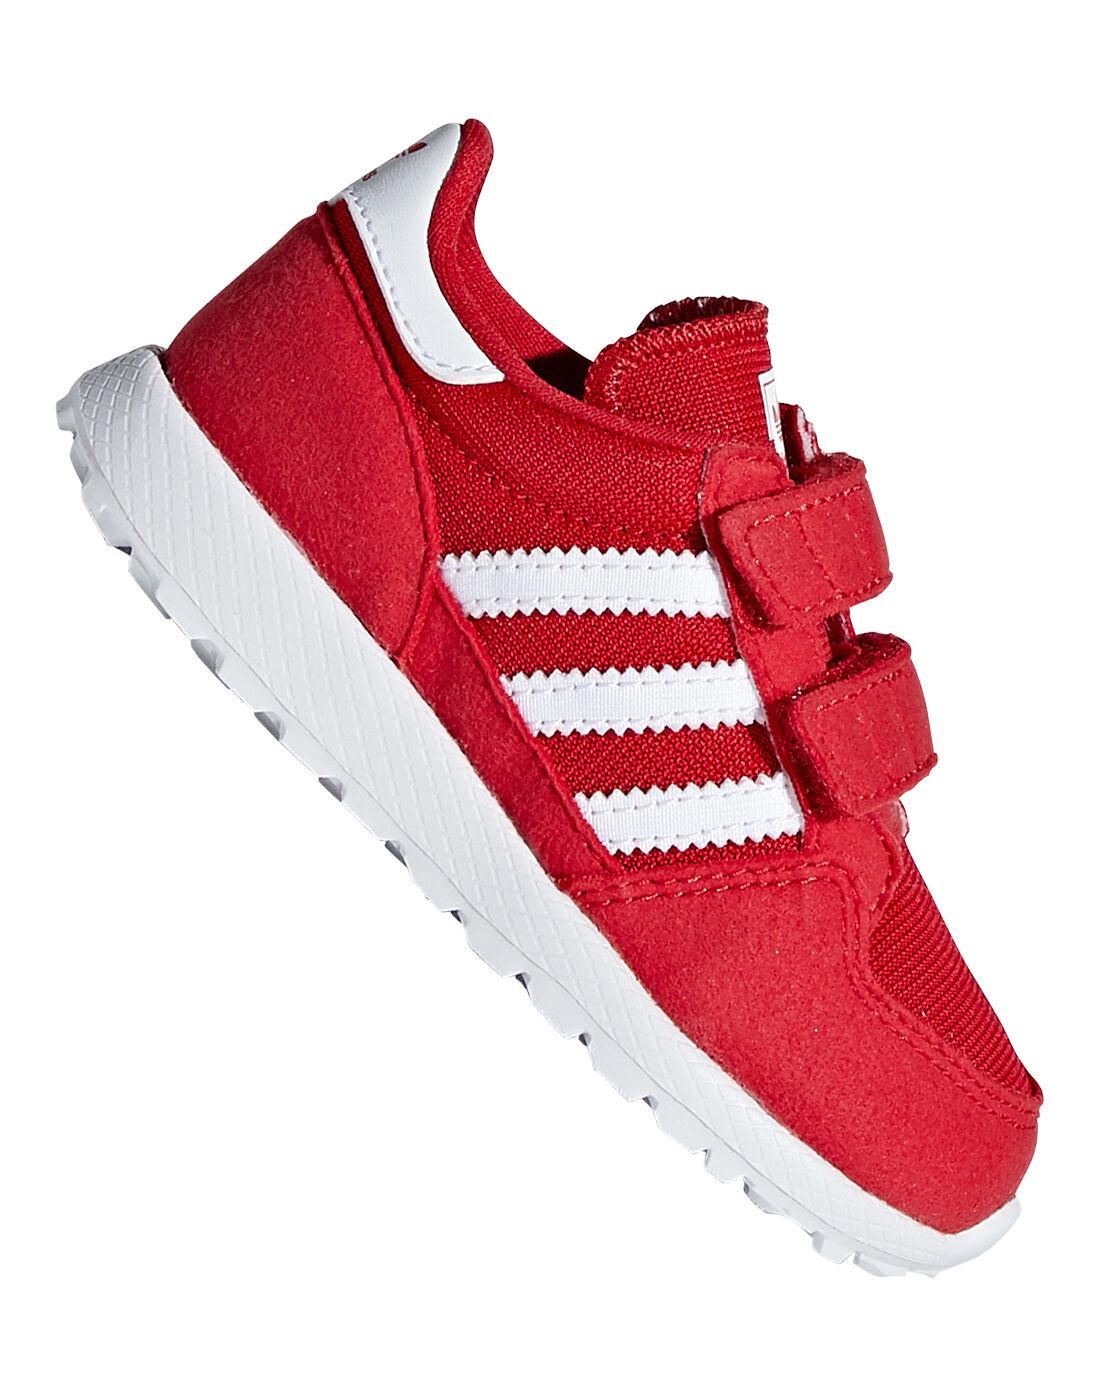 Red adidas Originals Forest Grove